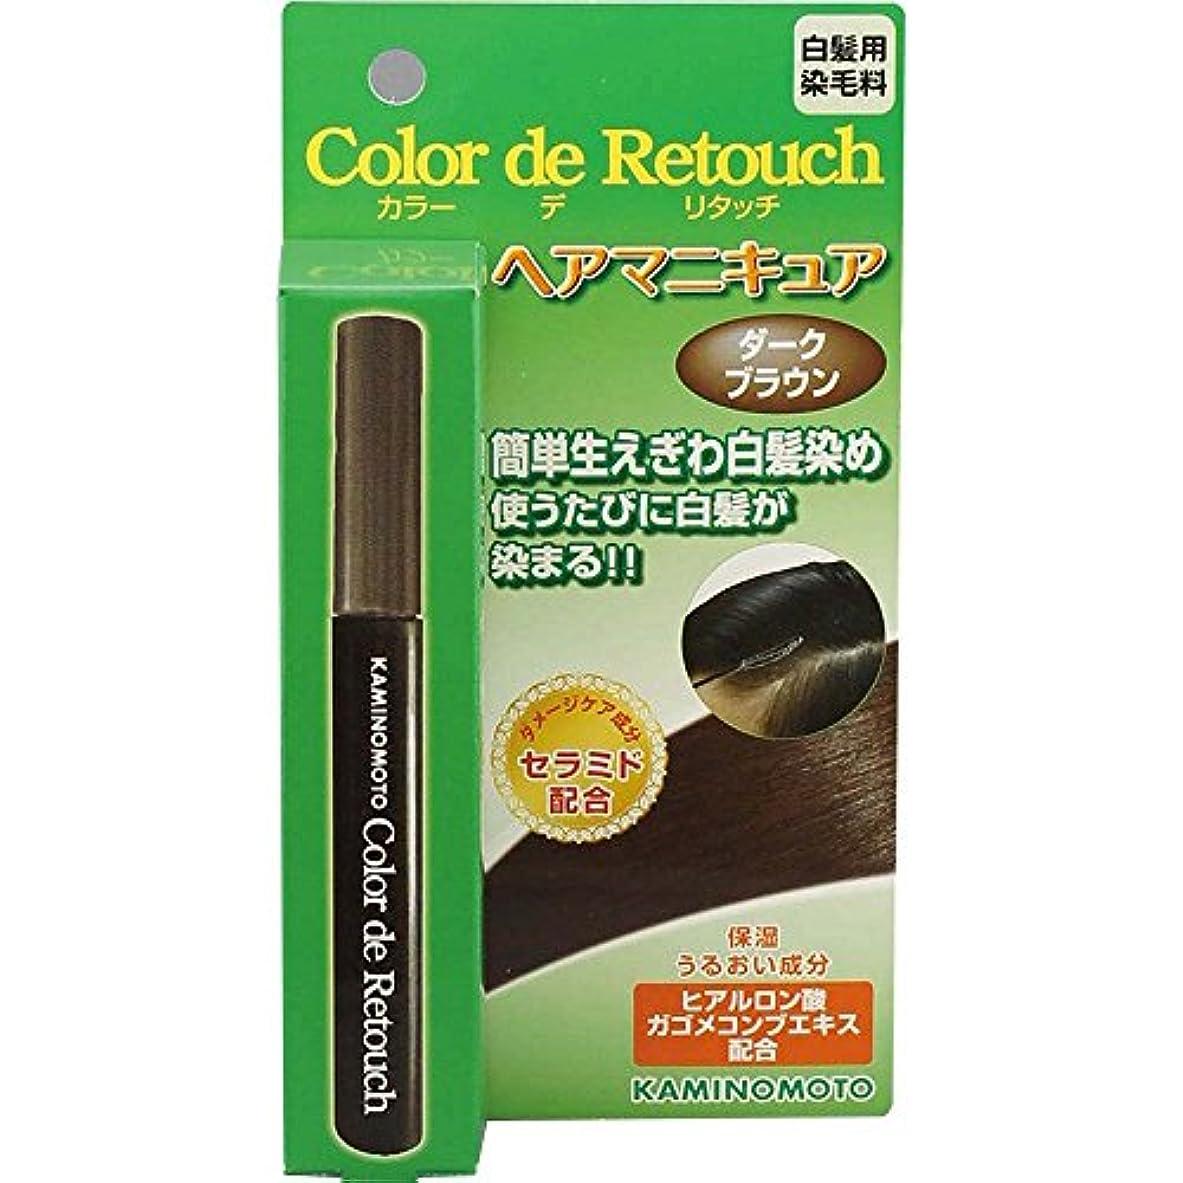 水平リム思いやりのある加美乃素 カラー デ リタッチ ダークブラウン 10mL